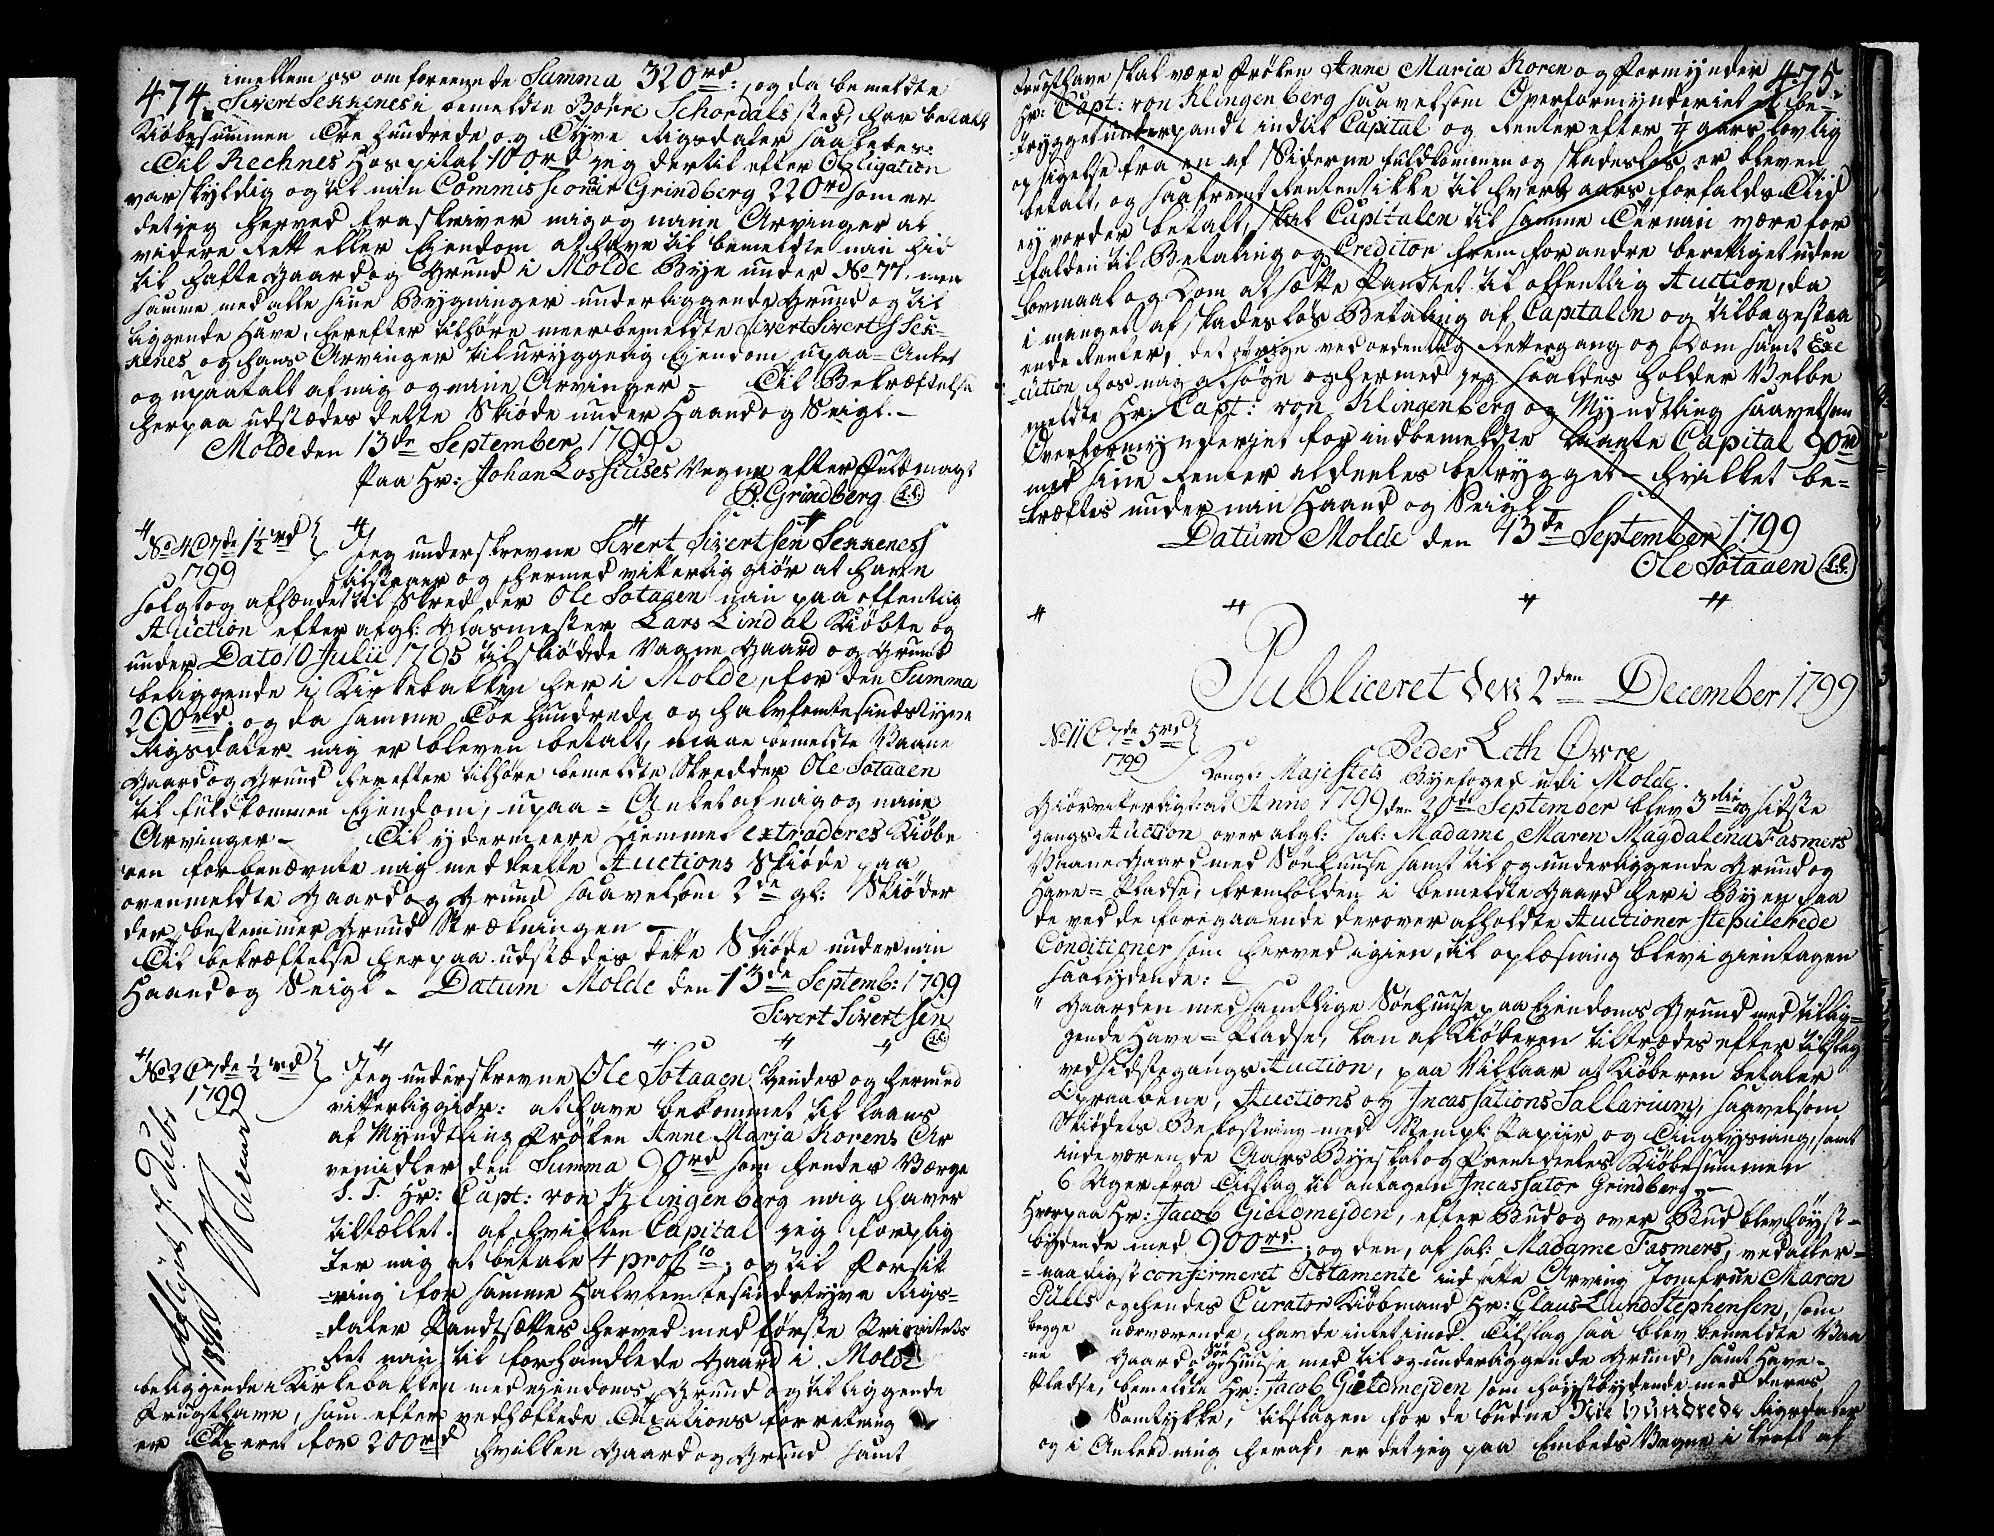 SAT, Molde byfogd, 2C/L0001: Pantebok nr. 1, 1748-1823, s. 474-475